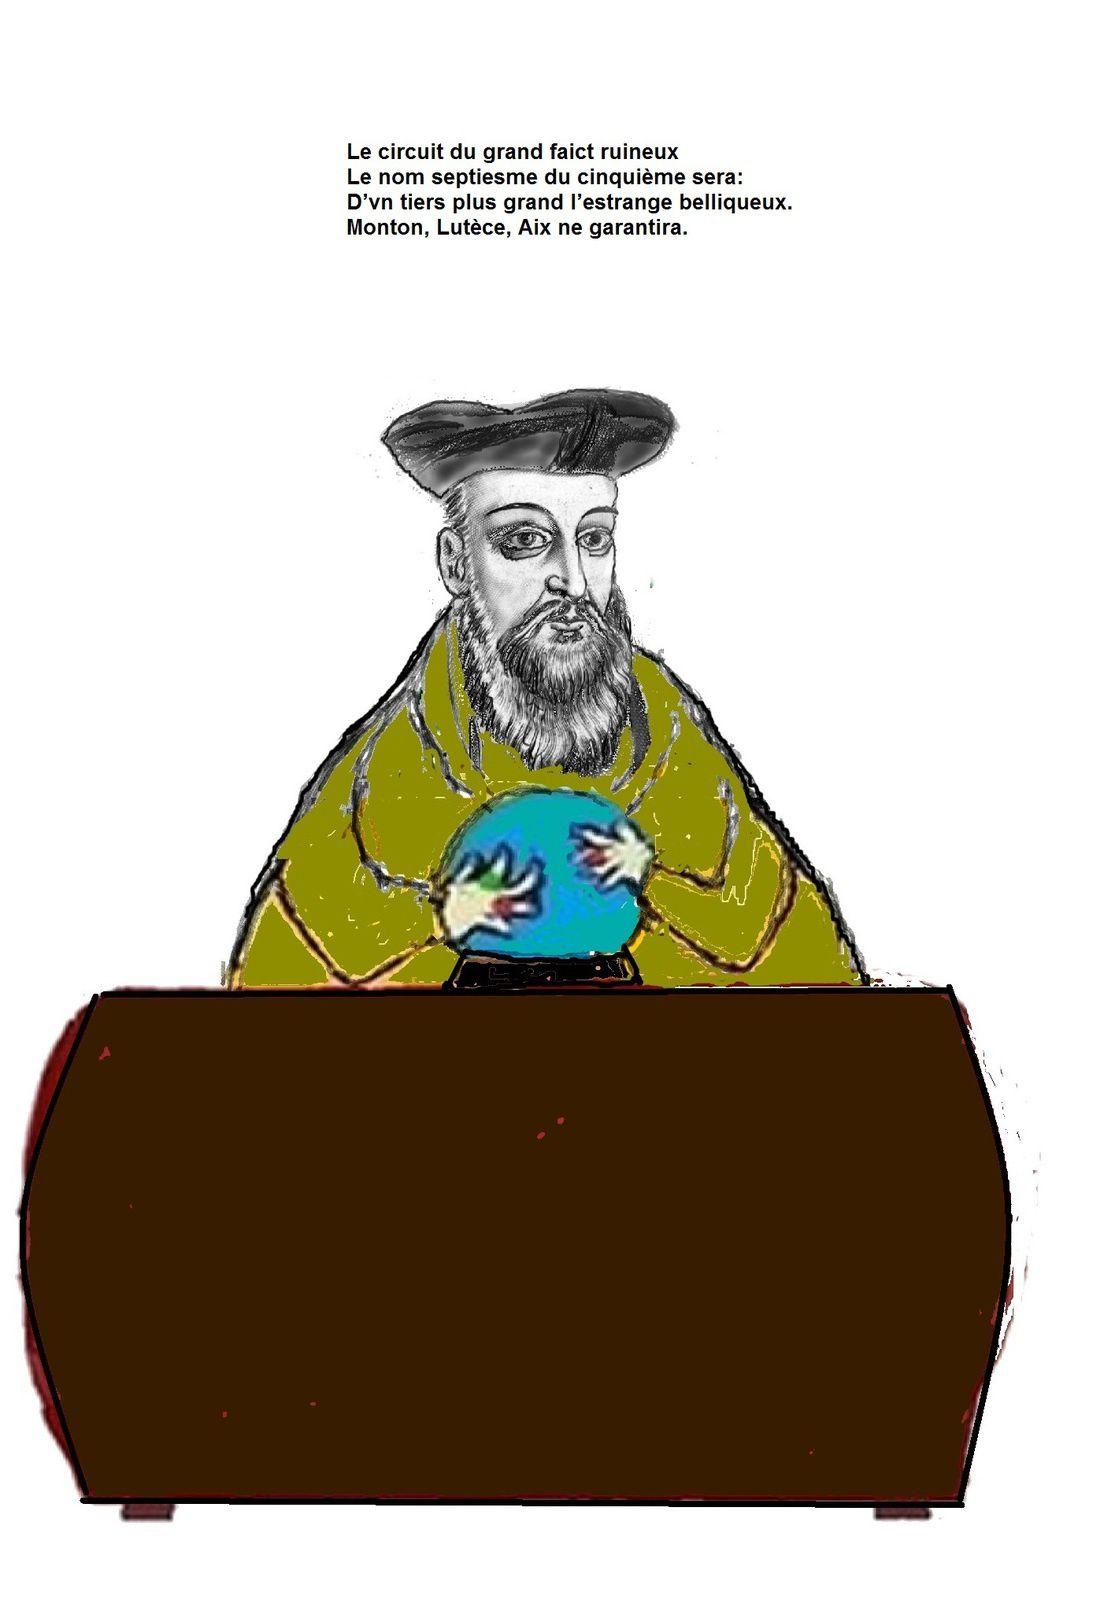 Une révélation de Nostradamus élucidée : Notre état cigale ne sera pas secouru par l'Allemagne ni par les citoyens fourmis Français